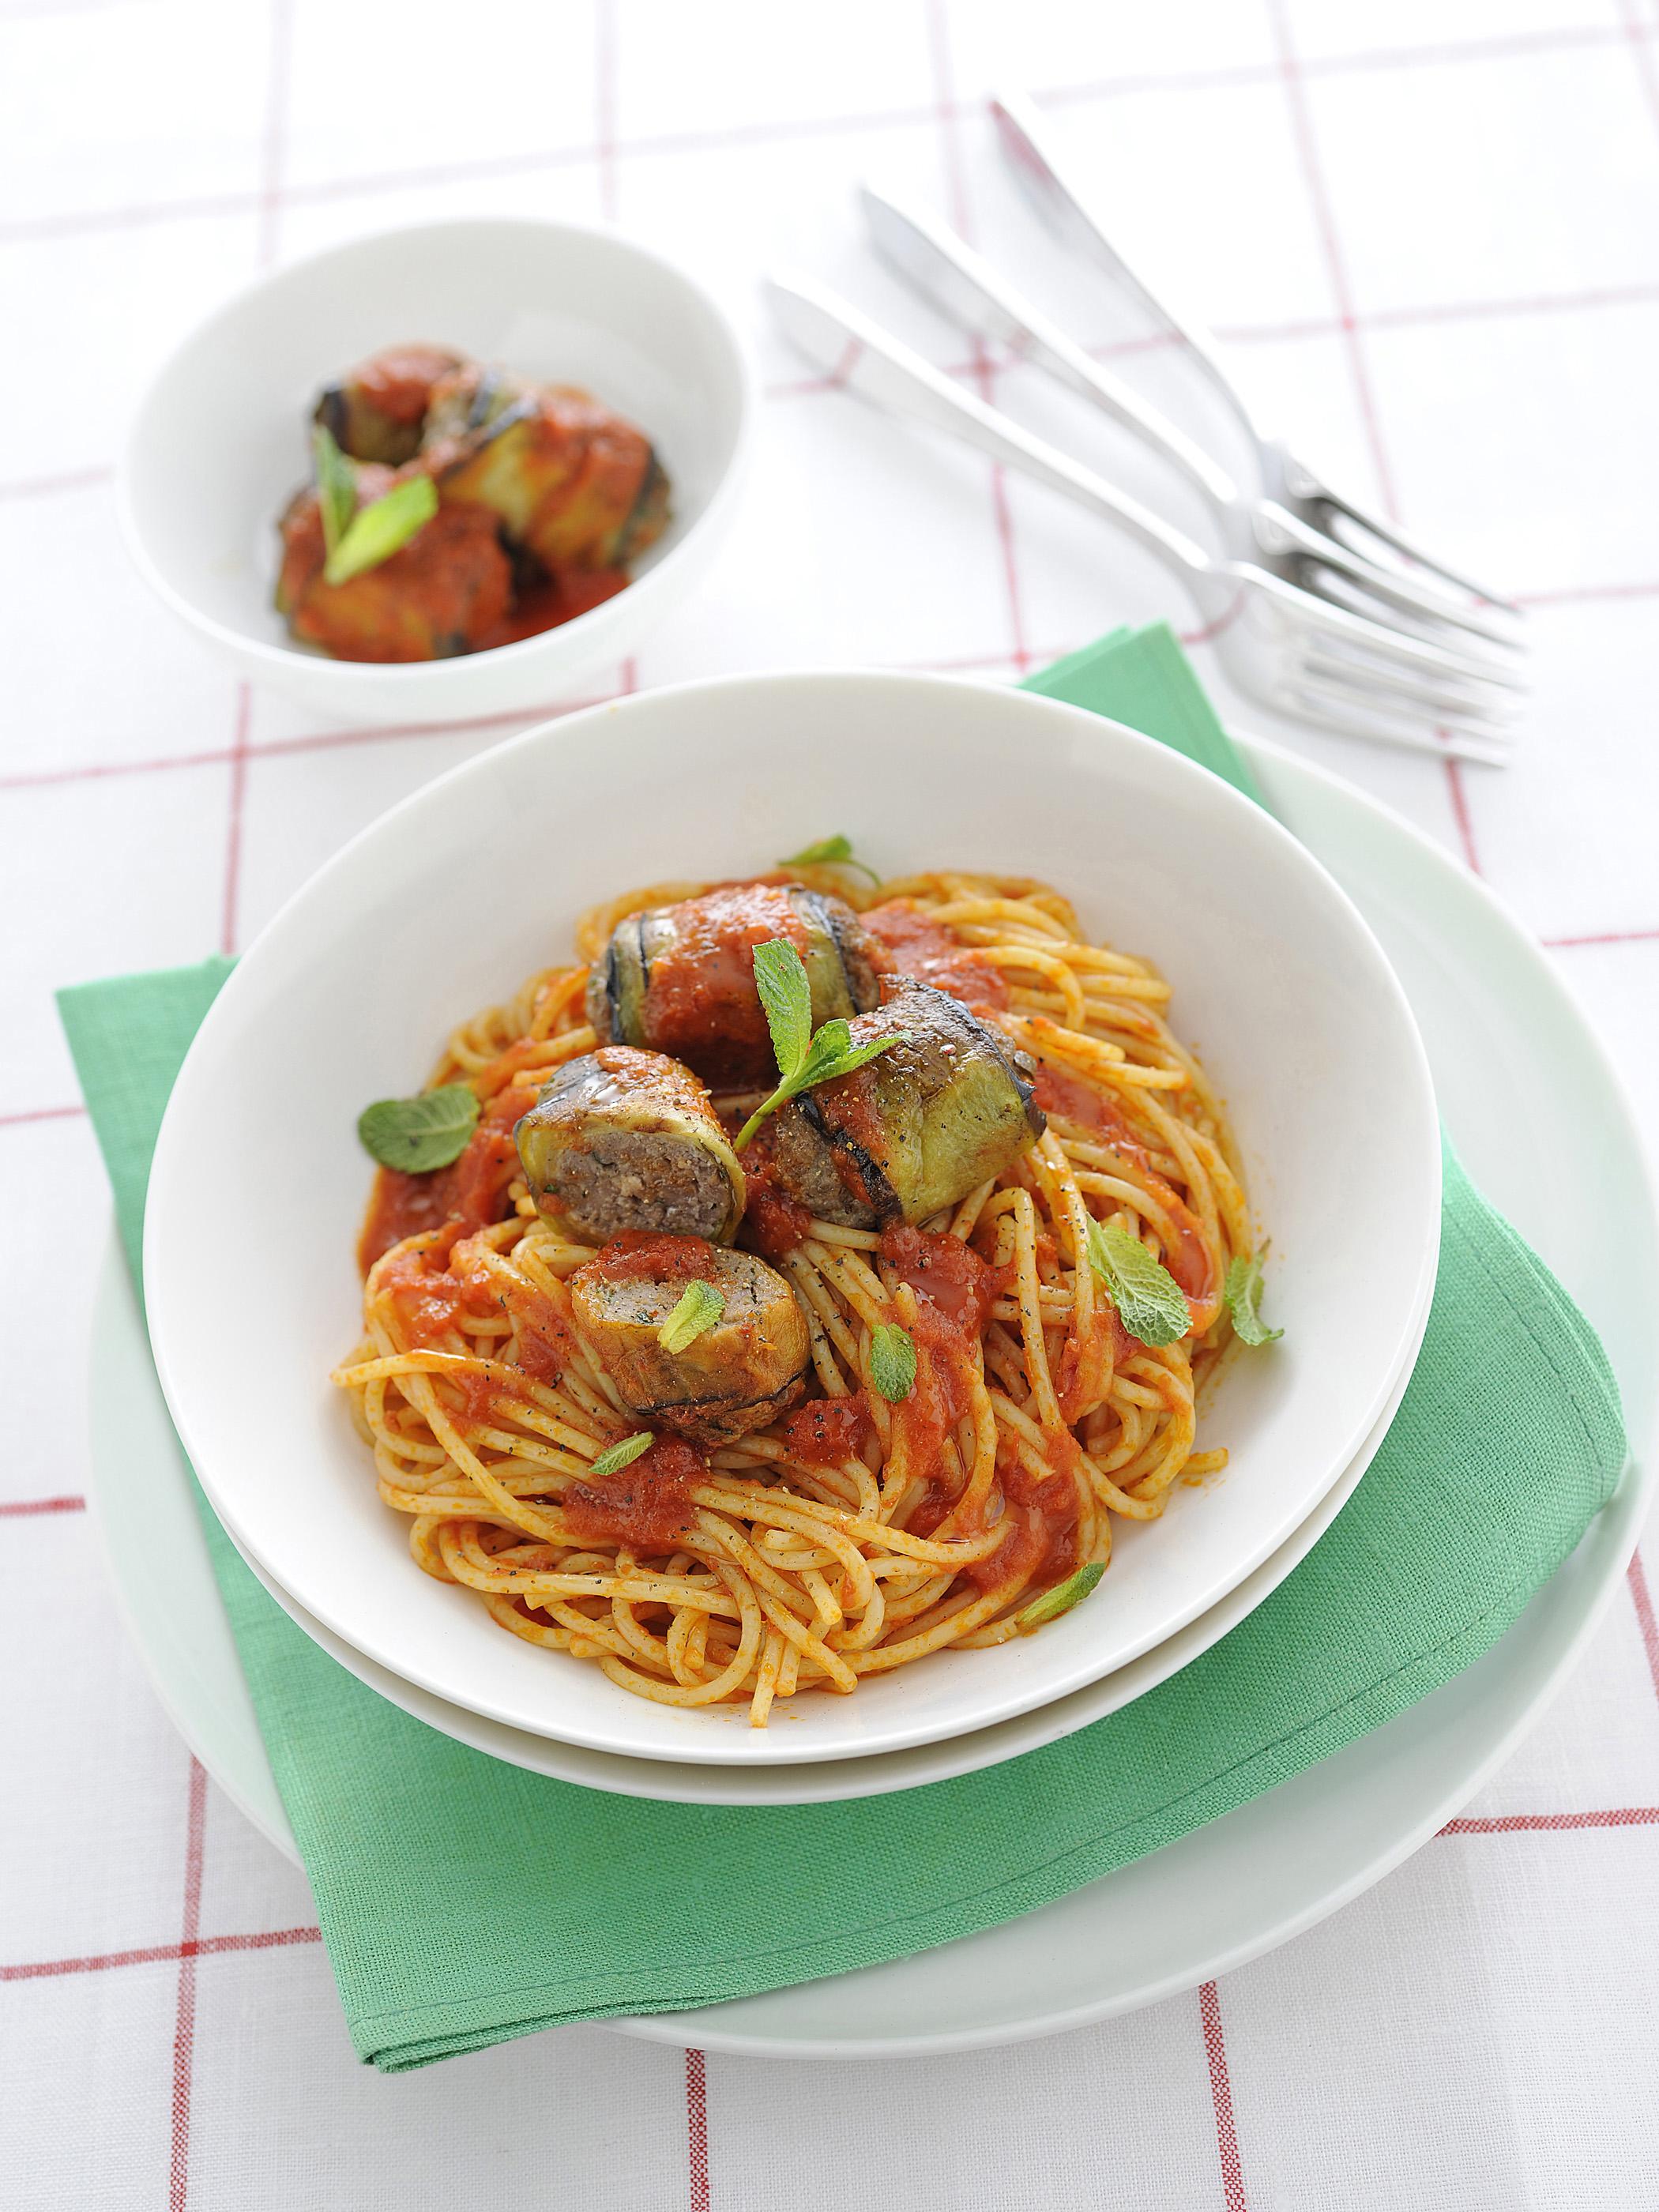 Le 10 migliori ricette di pasta sale pepe for Spaghetti ricette